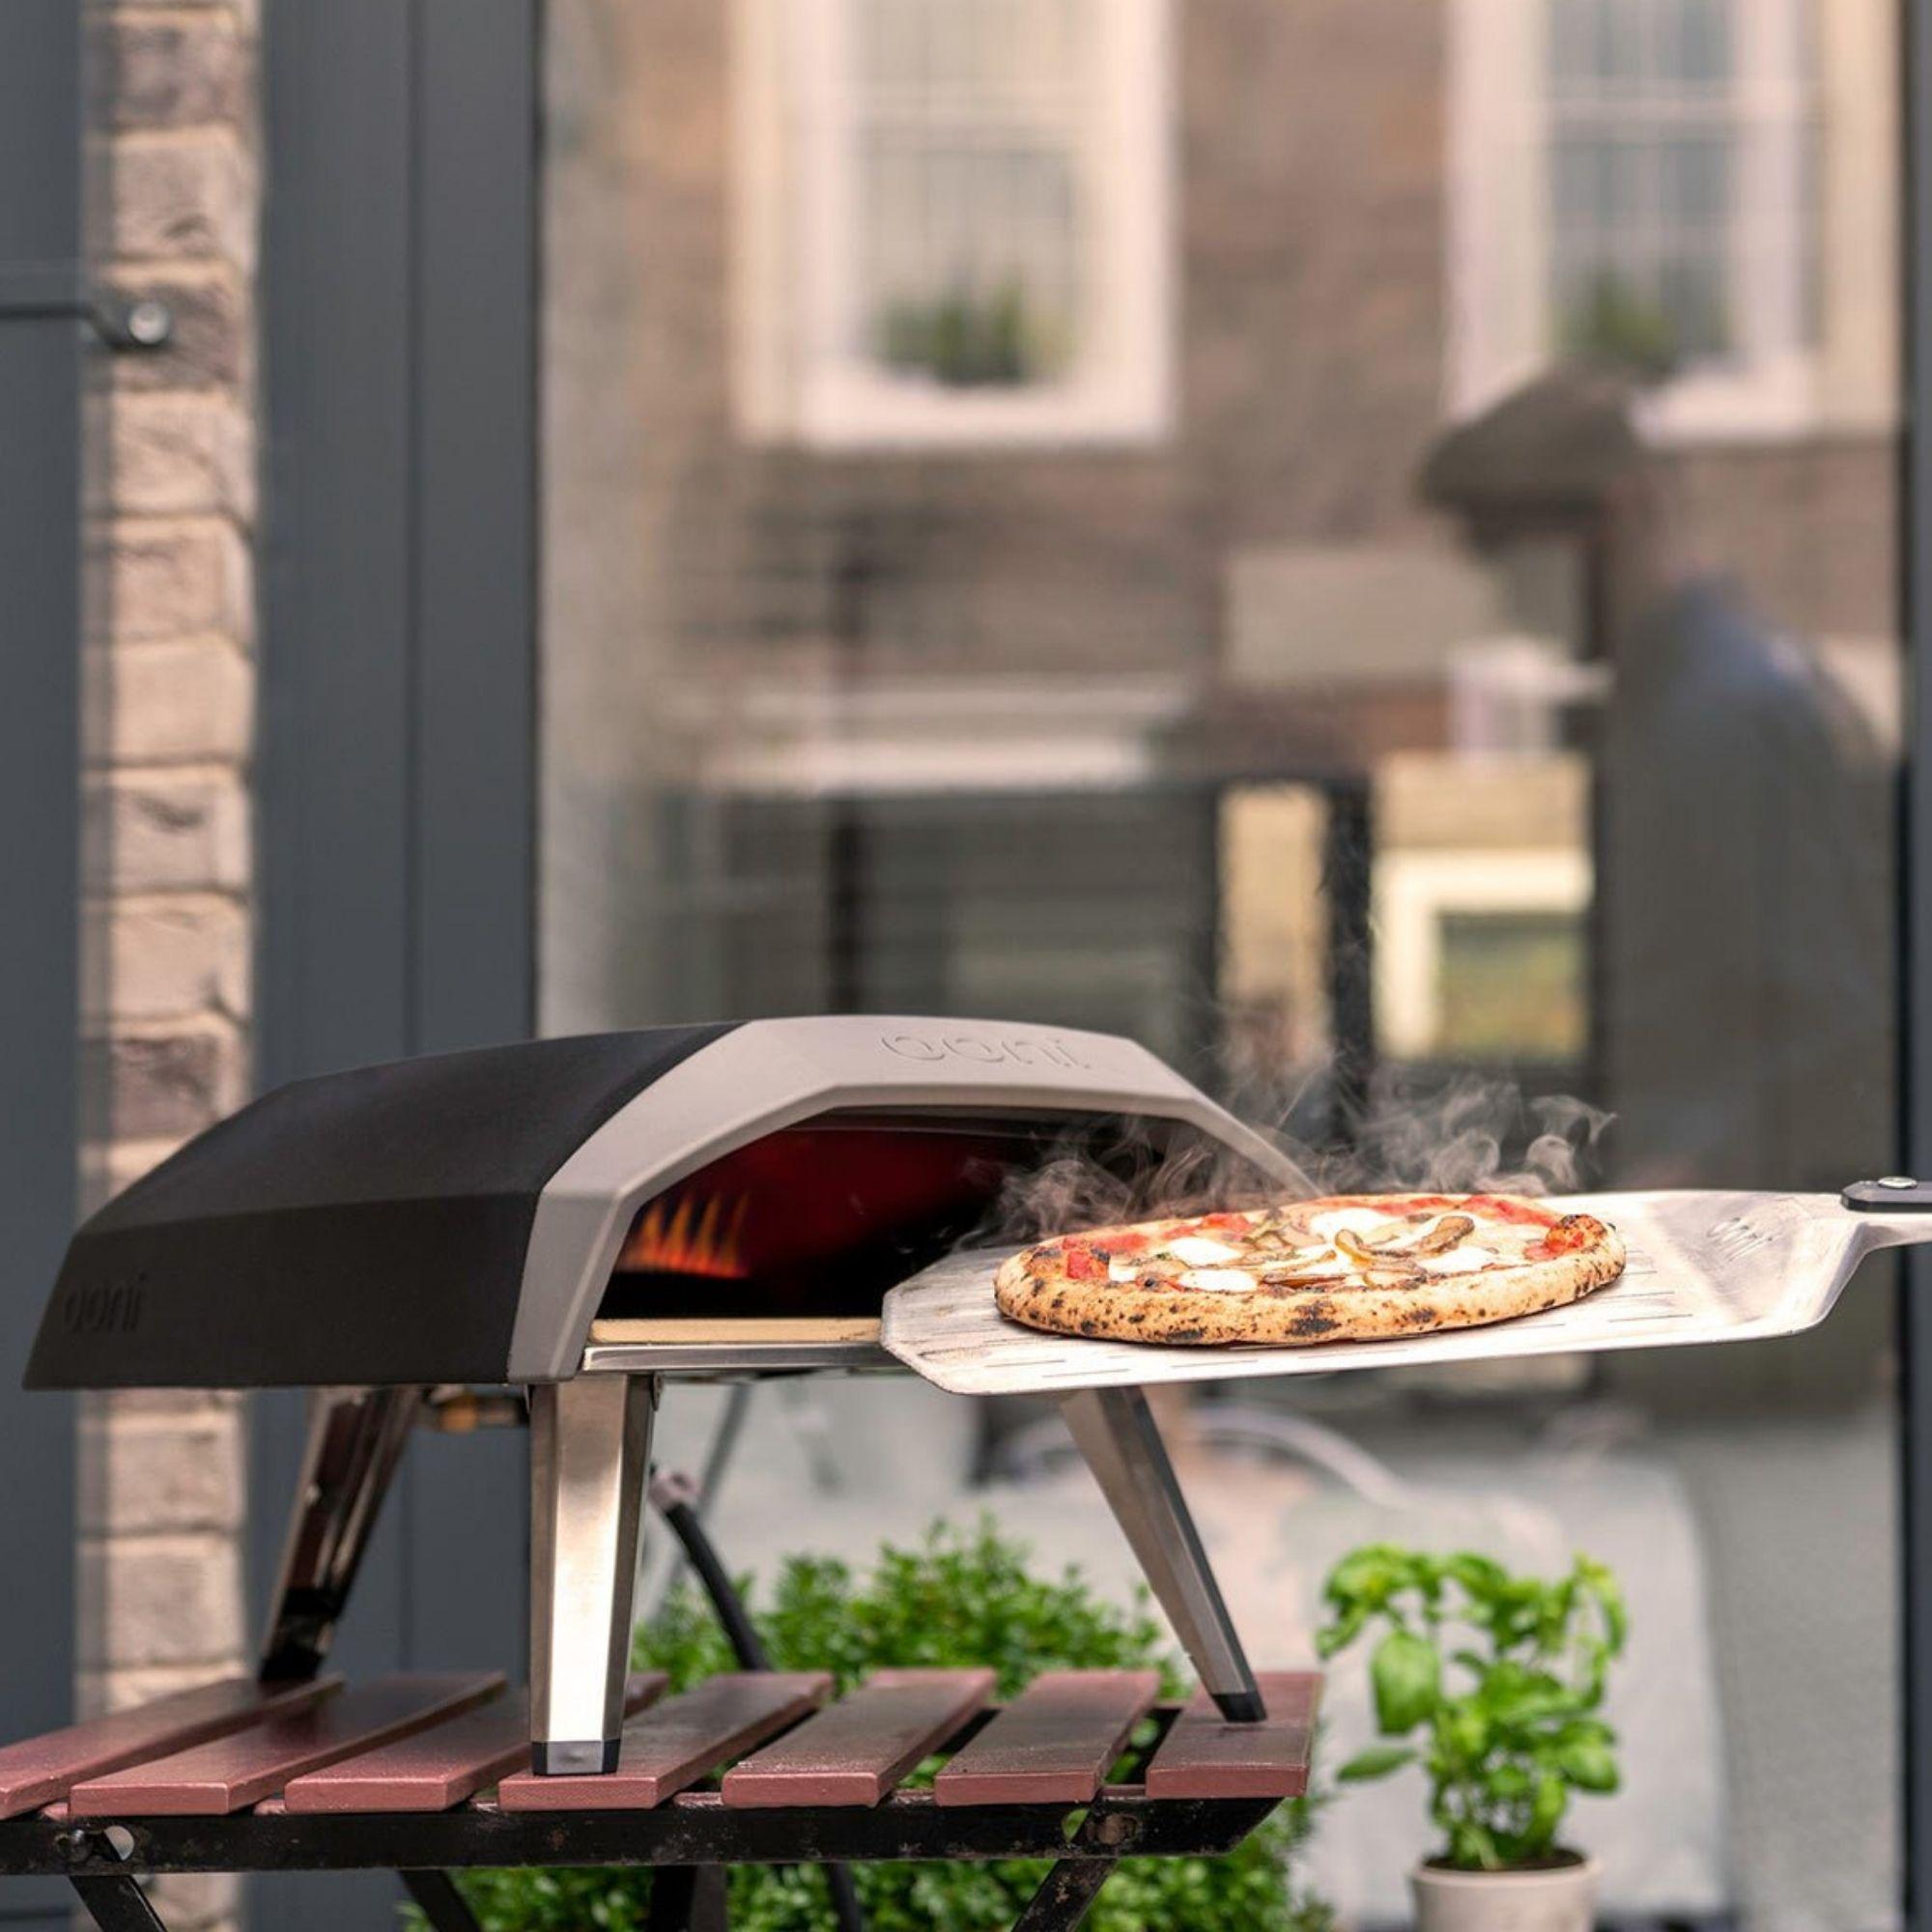 Forno de Pizza Ooni Koda 12  - Sua Casa Gourmet e Cia